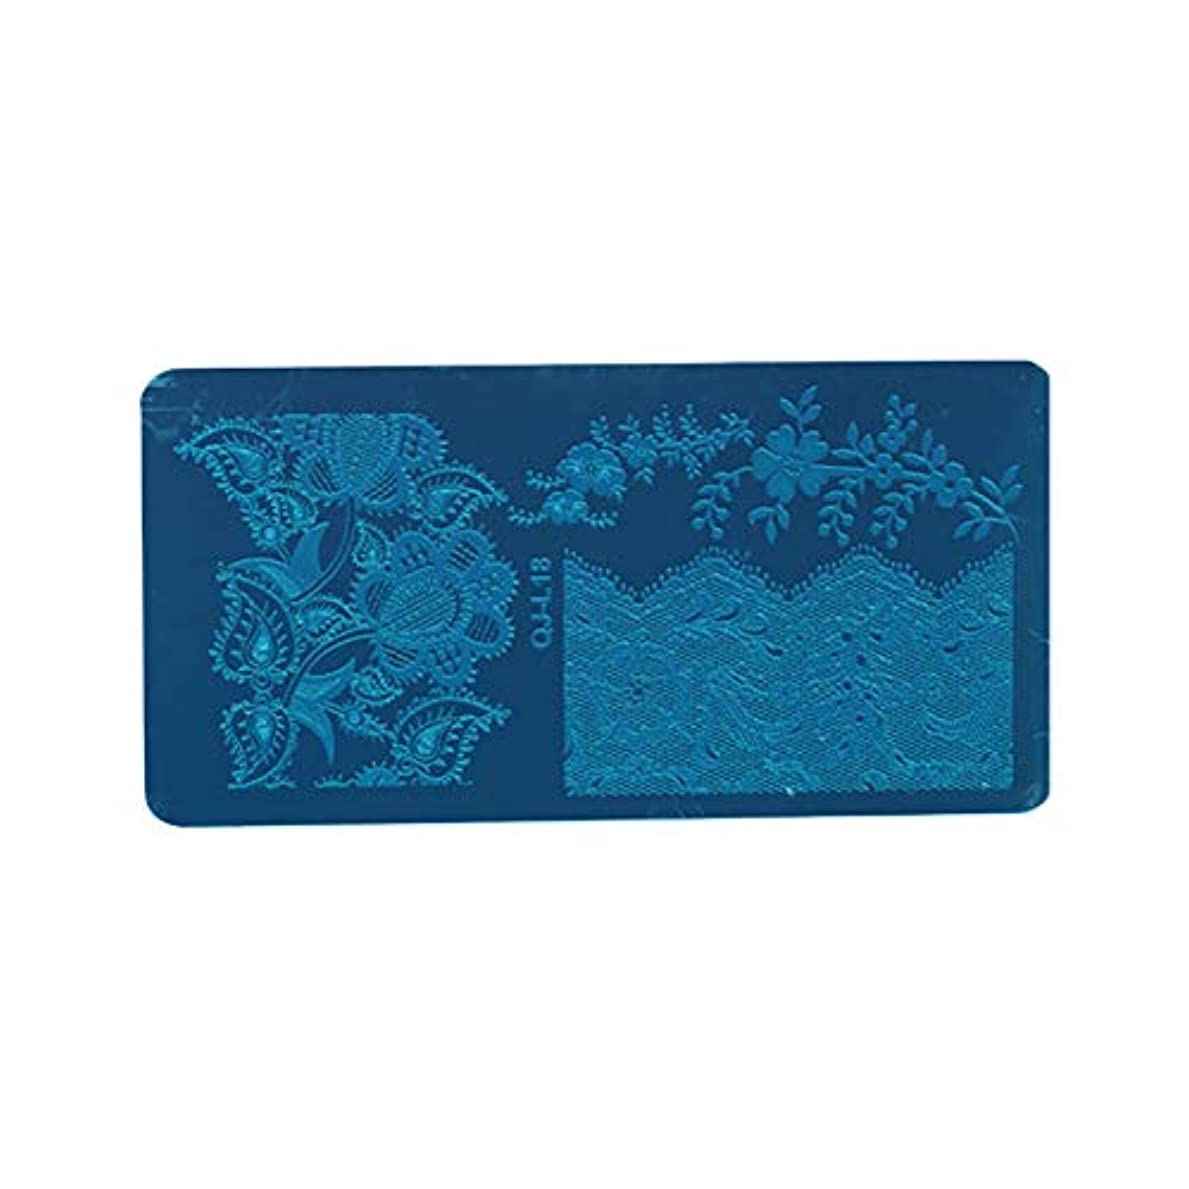 クローゼット前書き美的Digakdog ネイルイメージプレート ヨーロッパ エレガント 花柄 スタンピングイメージプレート ネイルアートツール 家庭 ネイルサロン プレゼント 1枚